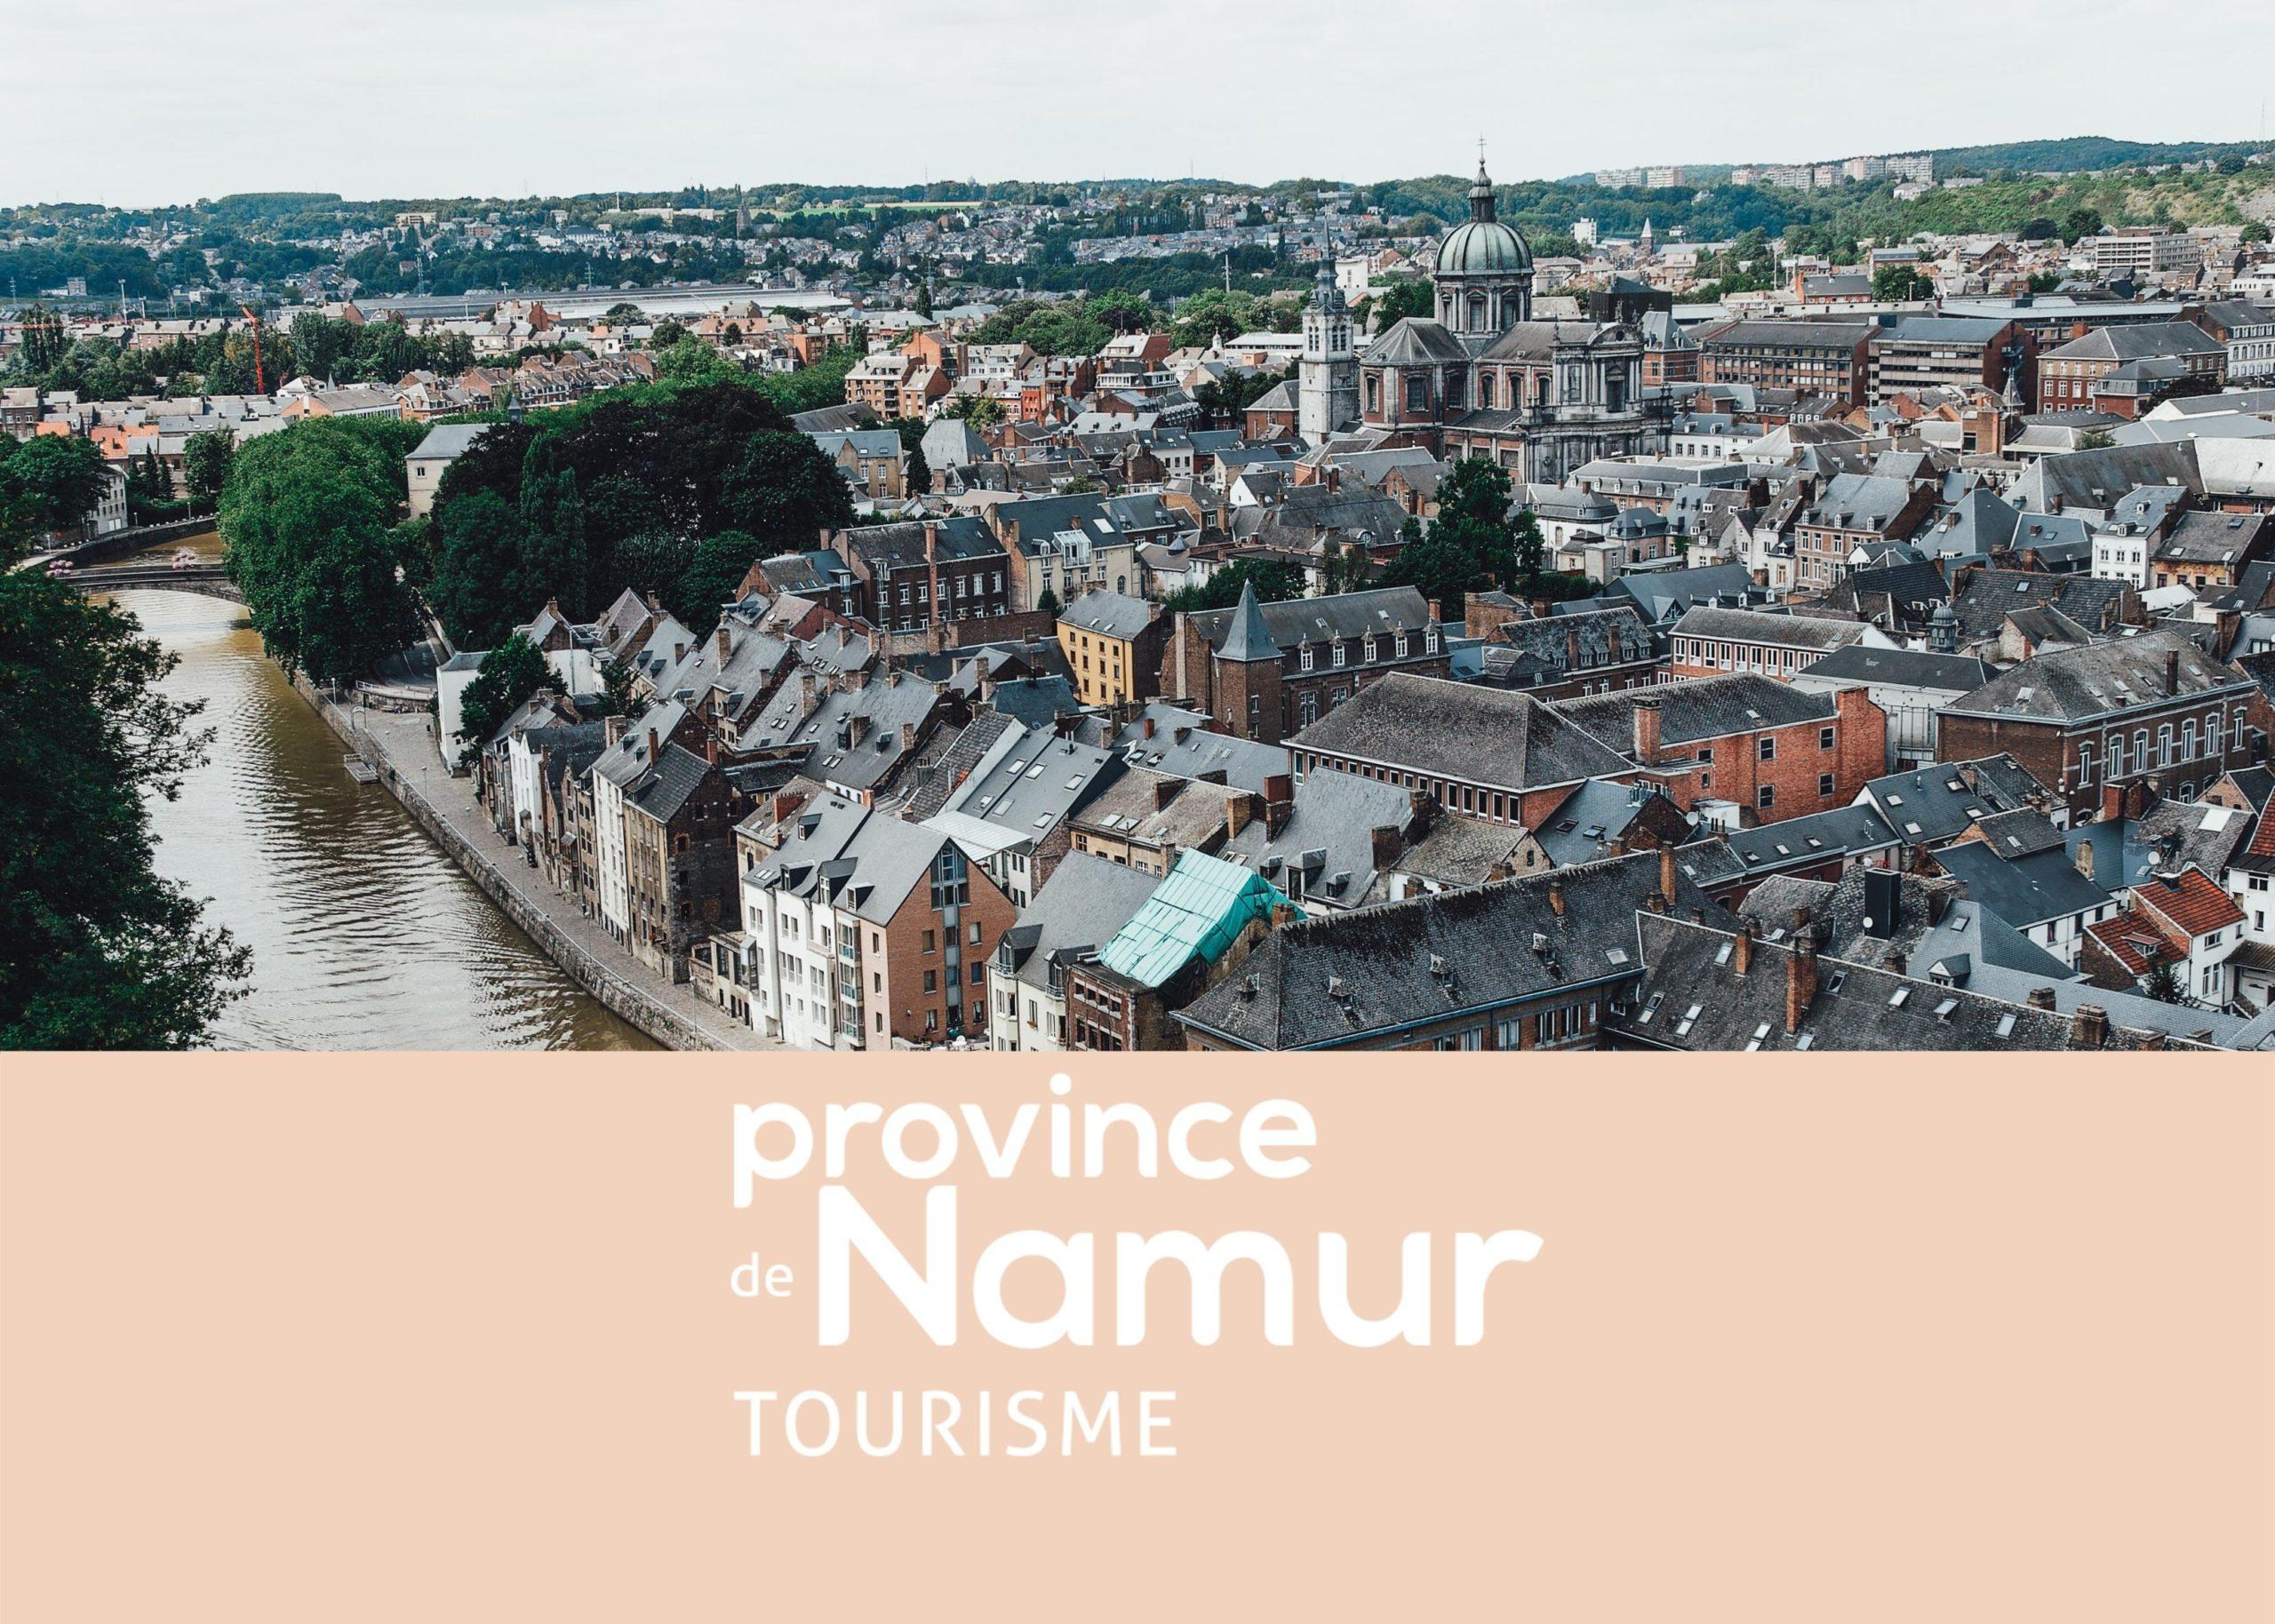 Province Namur Tourisme